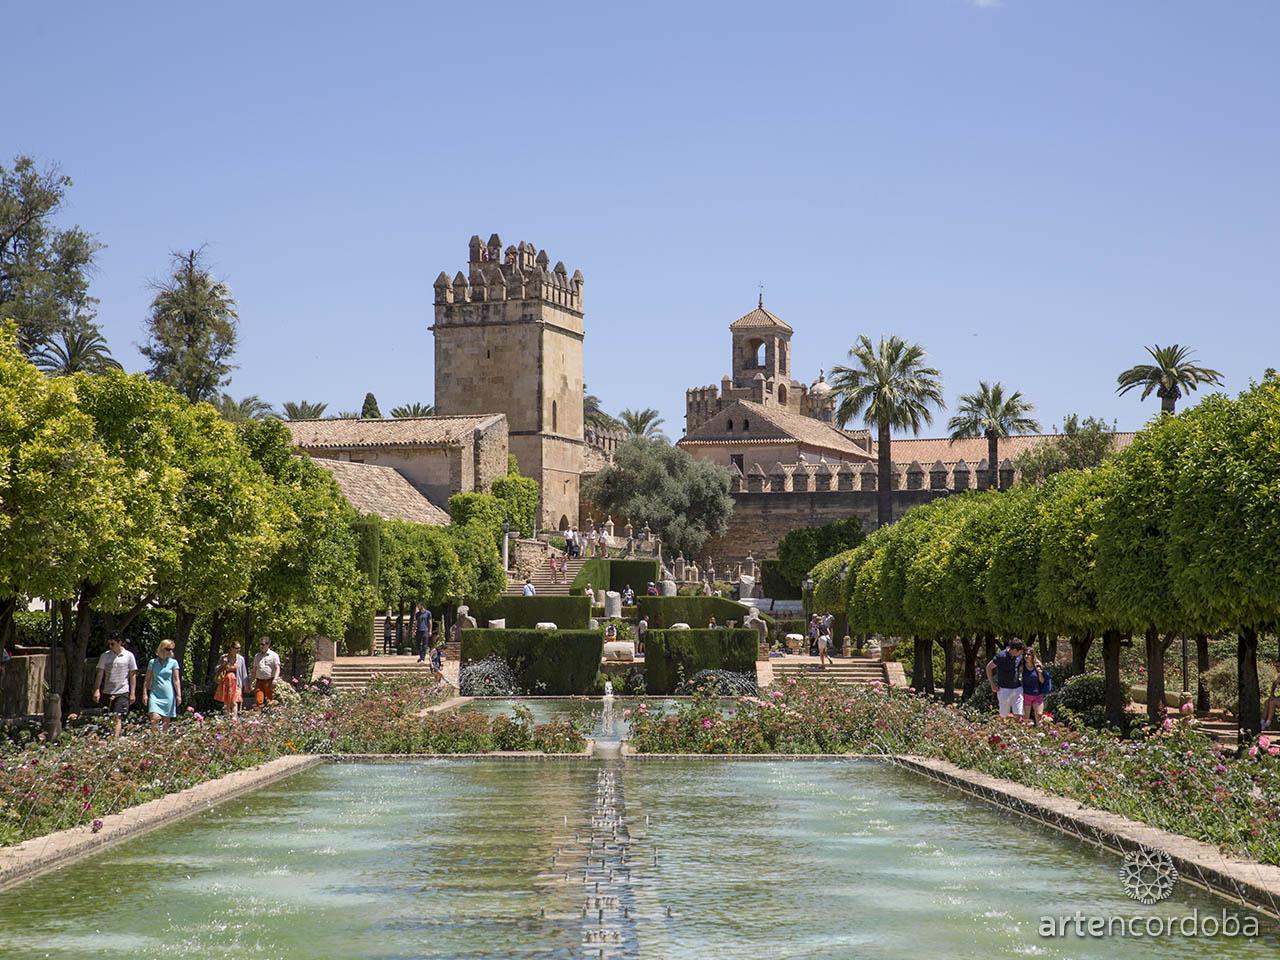 Visita Guiada al Alcázar de los Reyes Cristianos